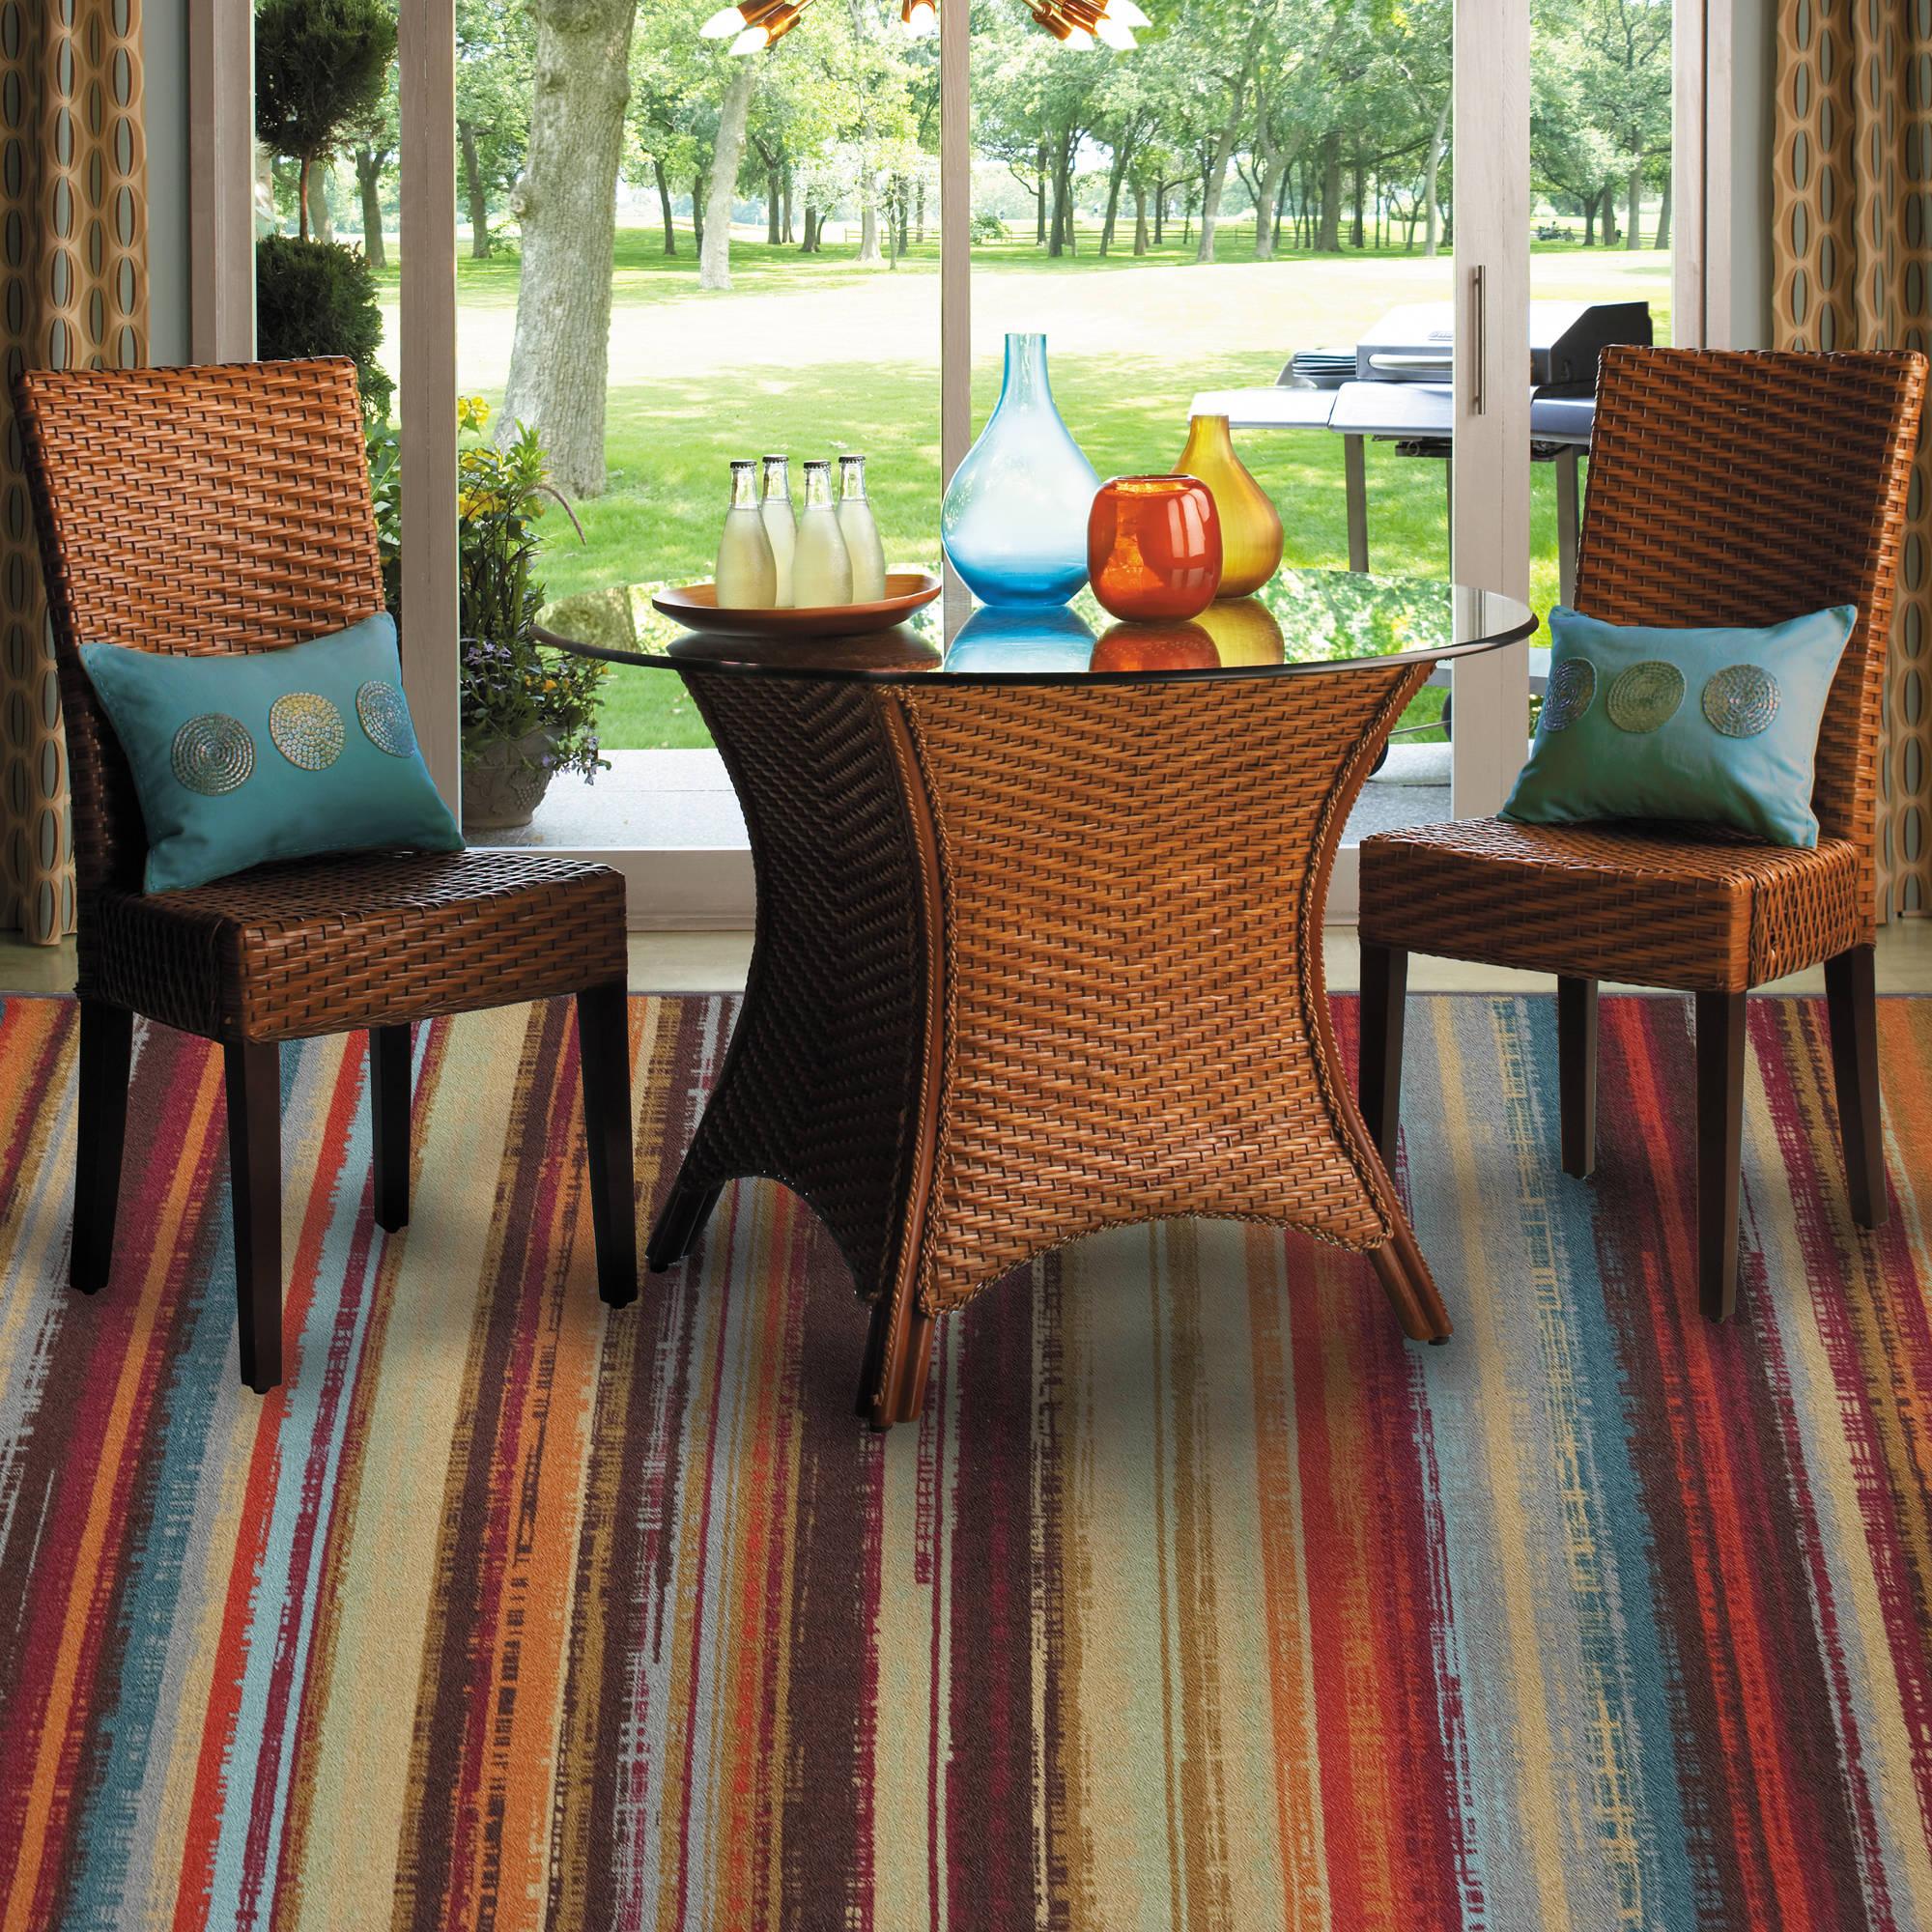 kitchen floor mats walmart Indoor Outdoor Rugs